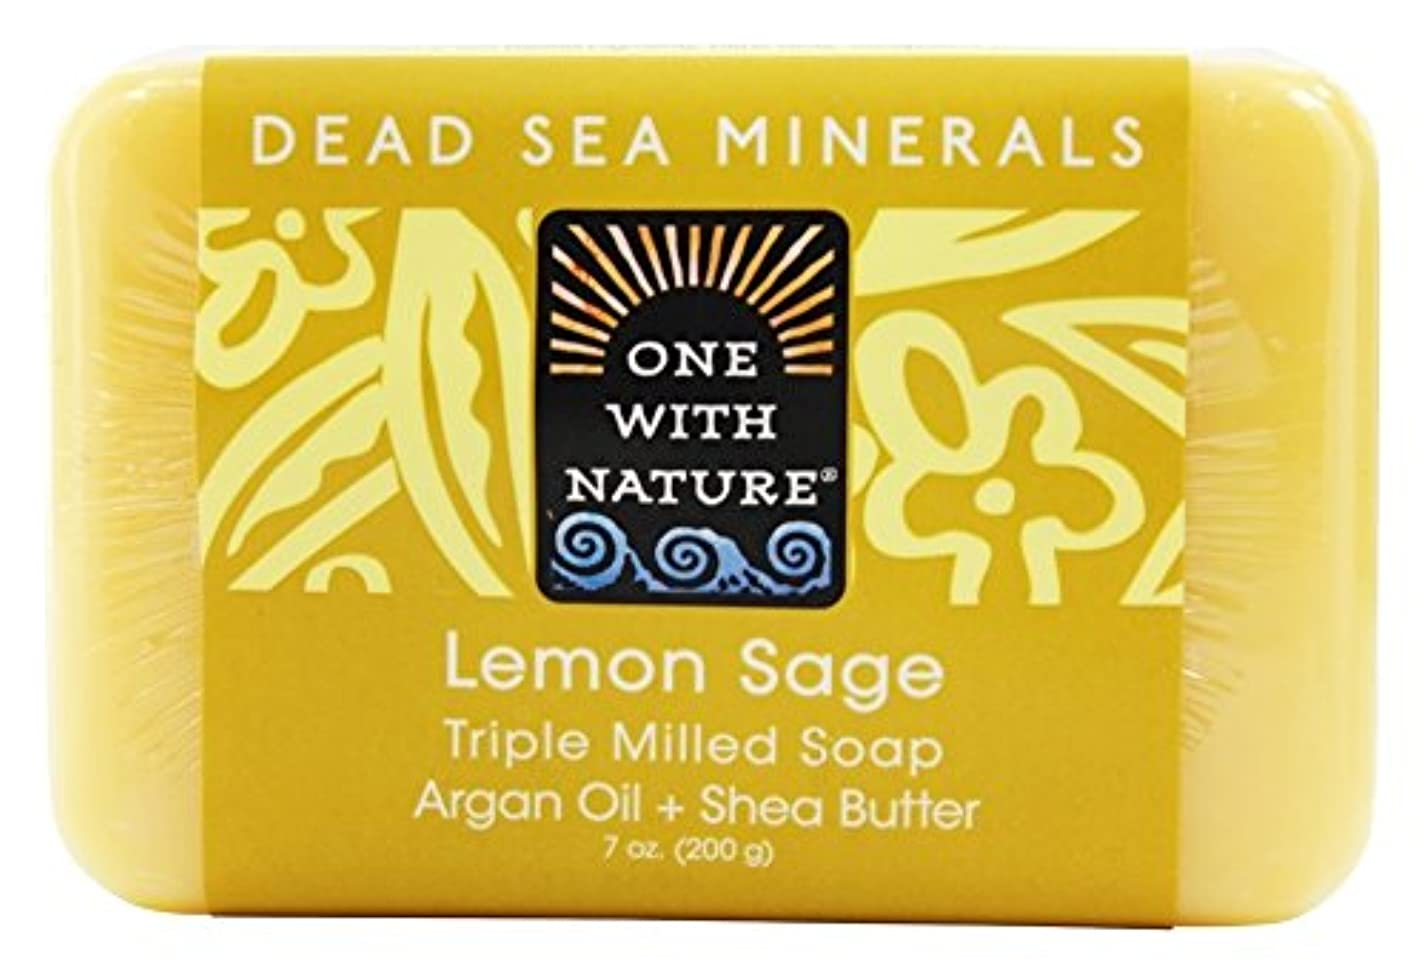 不変すぐにハブブOne With Nature - 死んだ海ミネラル バー石鹸穏やかな角質除去レモン セージ - 7ポンド [並行輸入品]